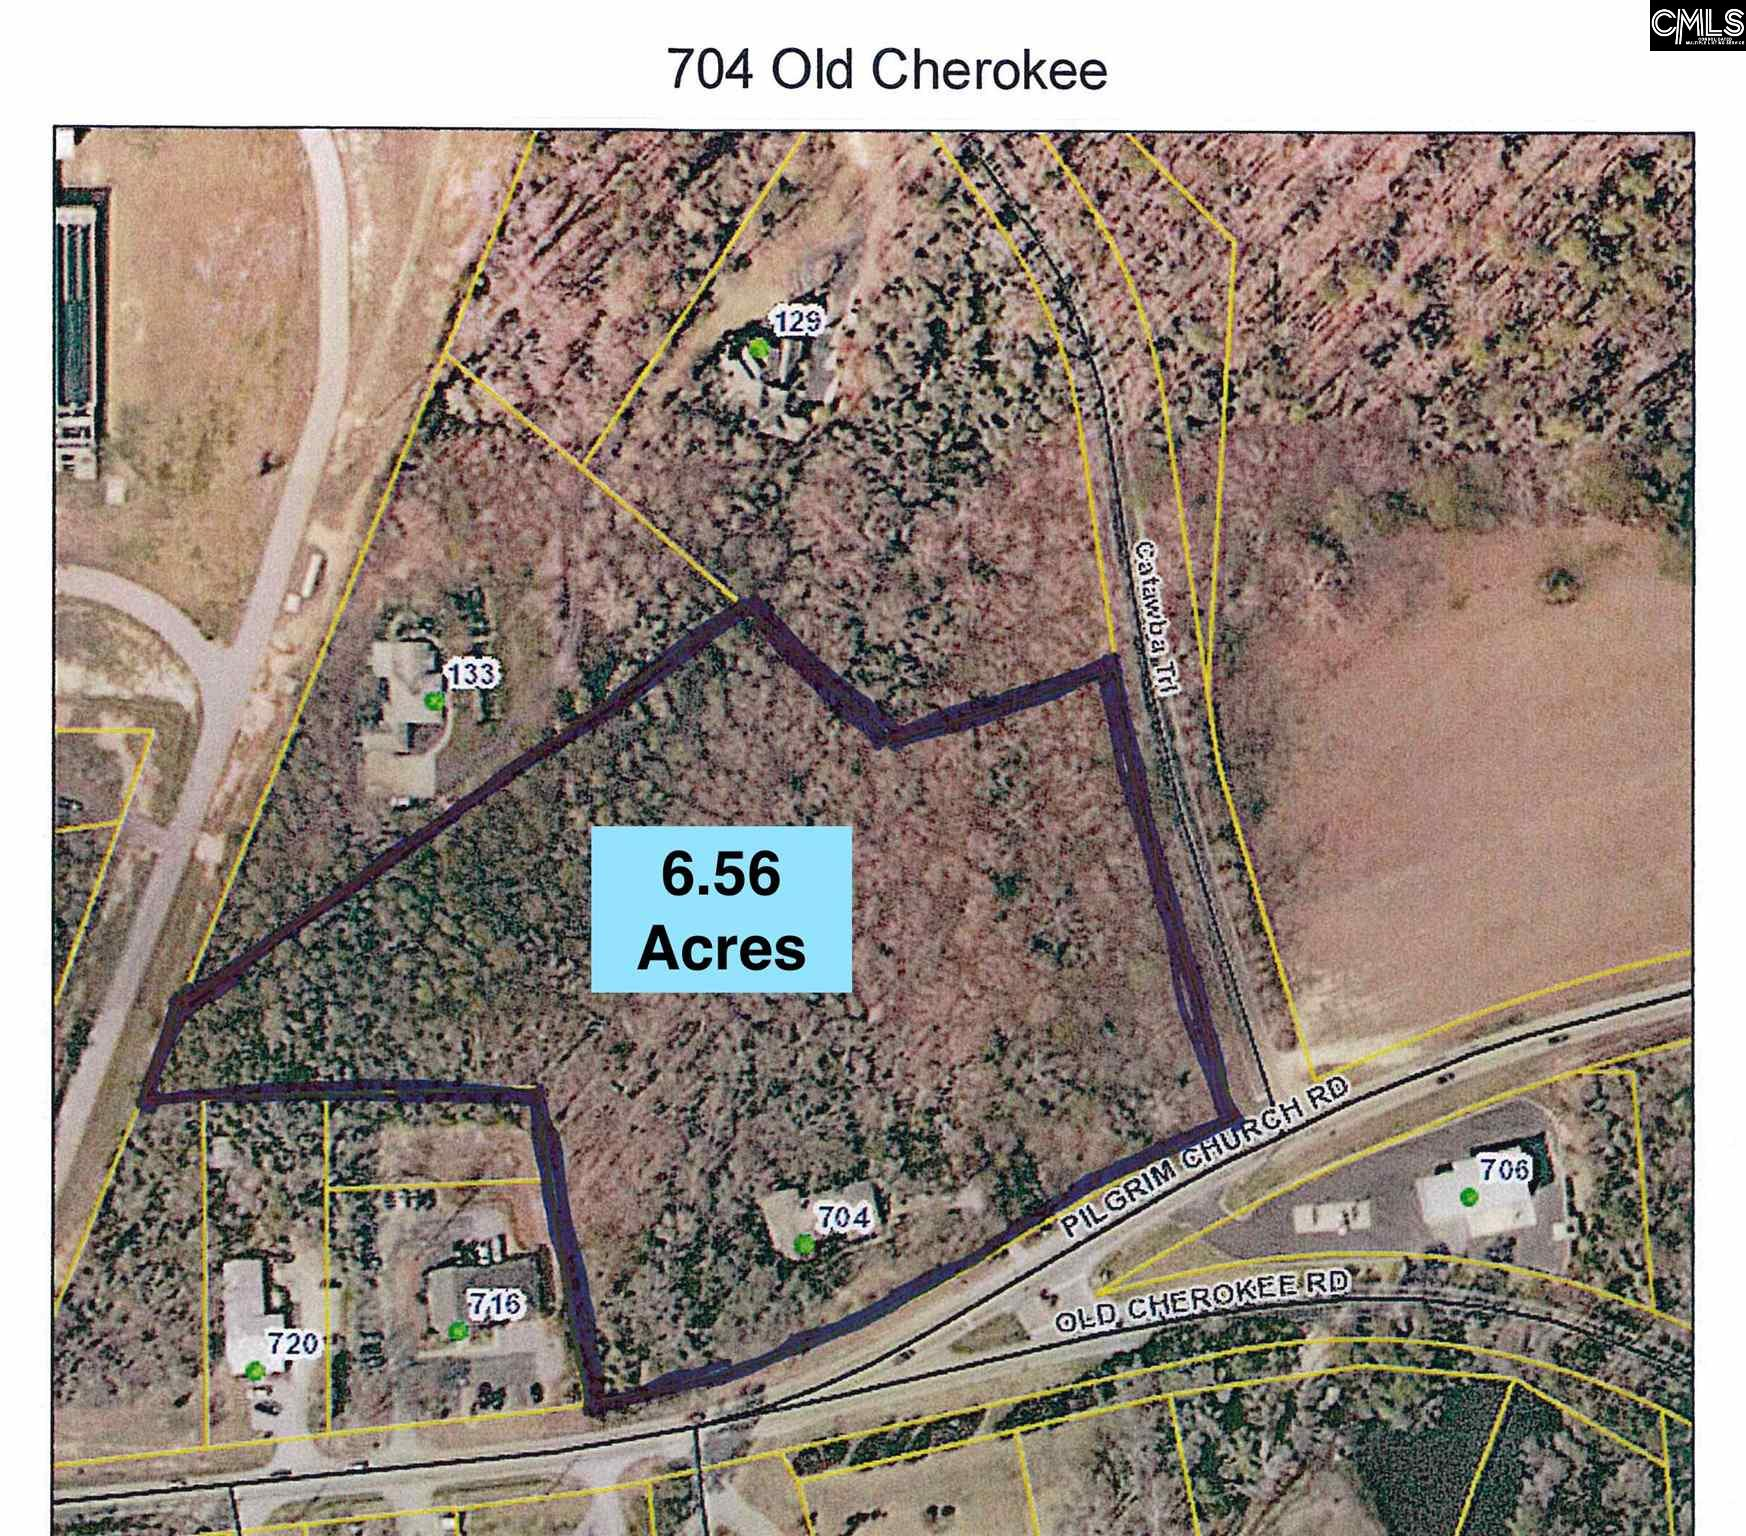 704 Old Cherokee Rd Lexington, SC 29072